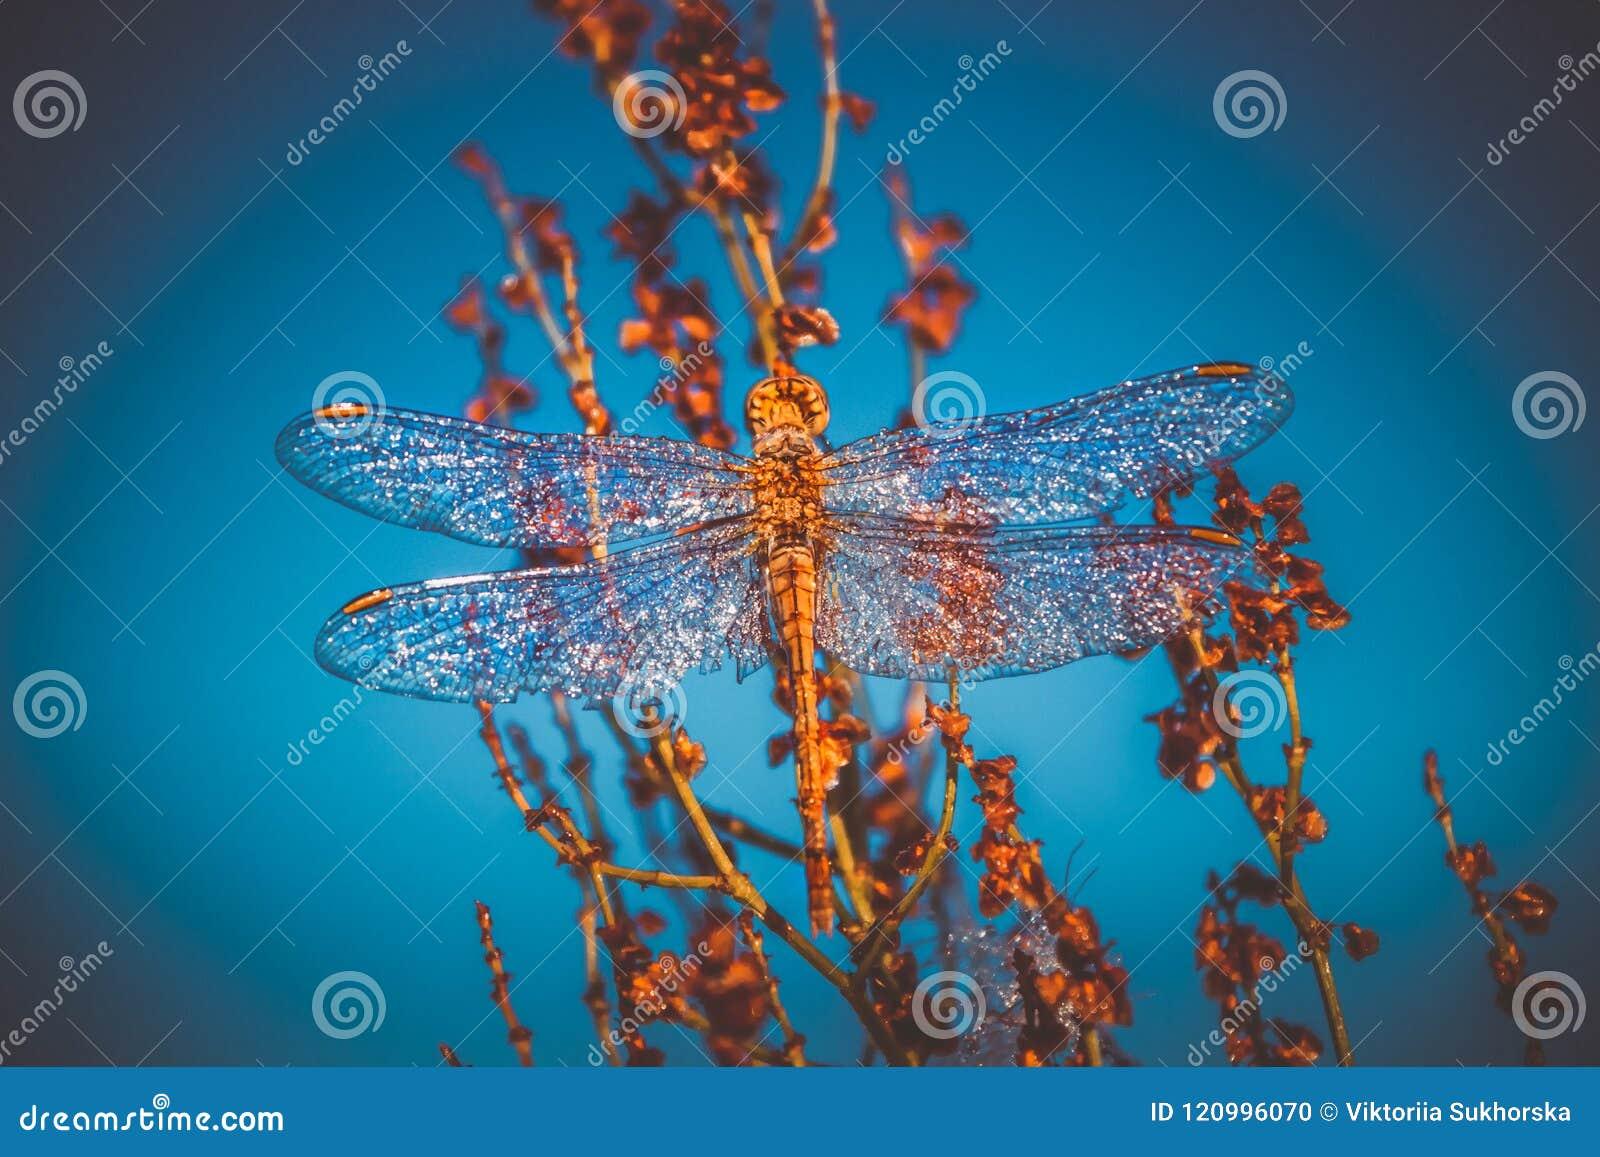 Een mooi insect van een libel Sympetrum Vulgatum tegen een achtergrond van een blauwe hemelachtergrond toning